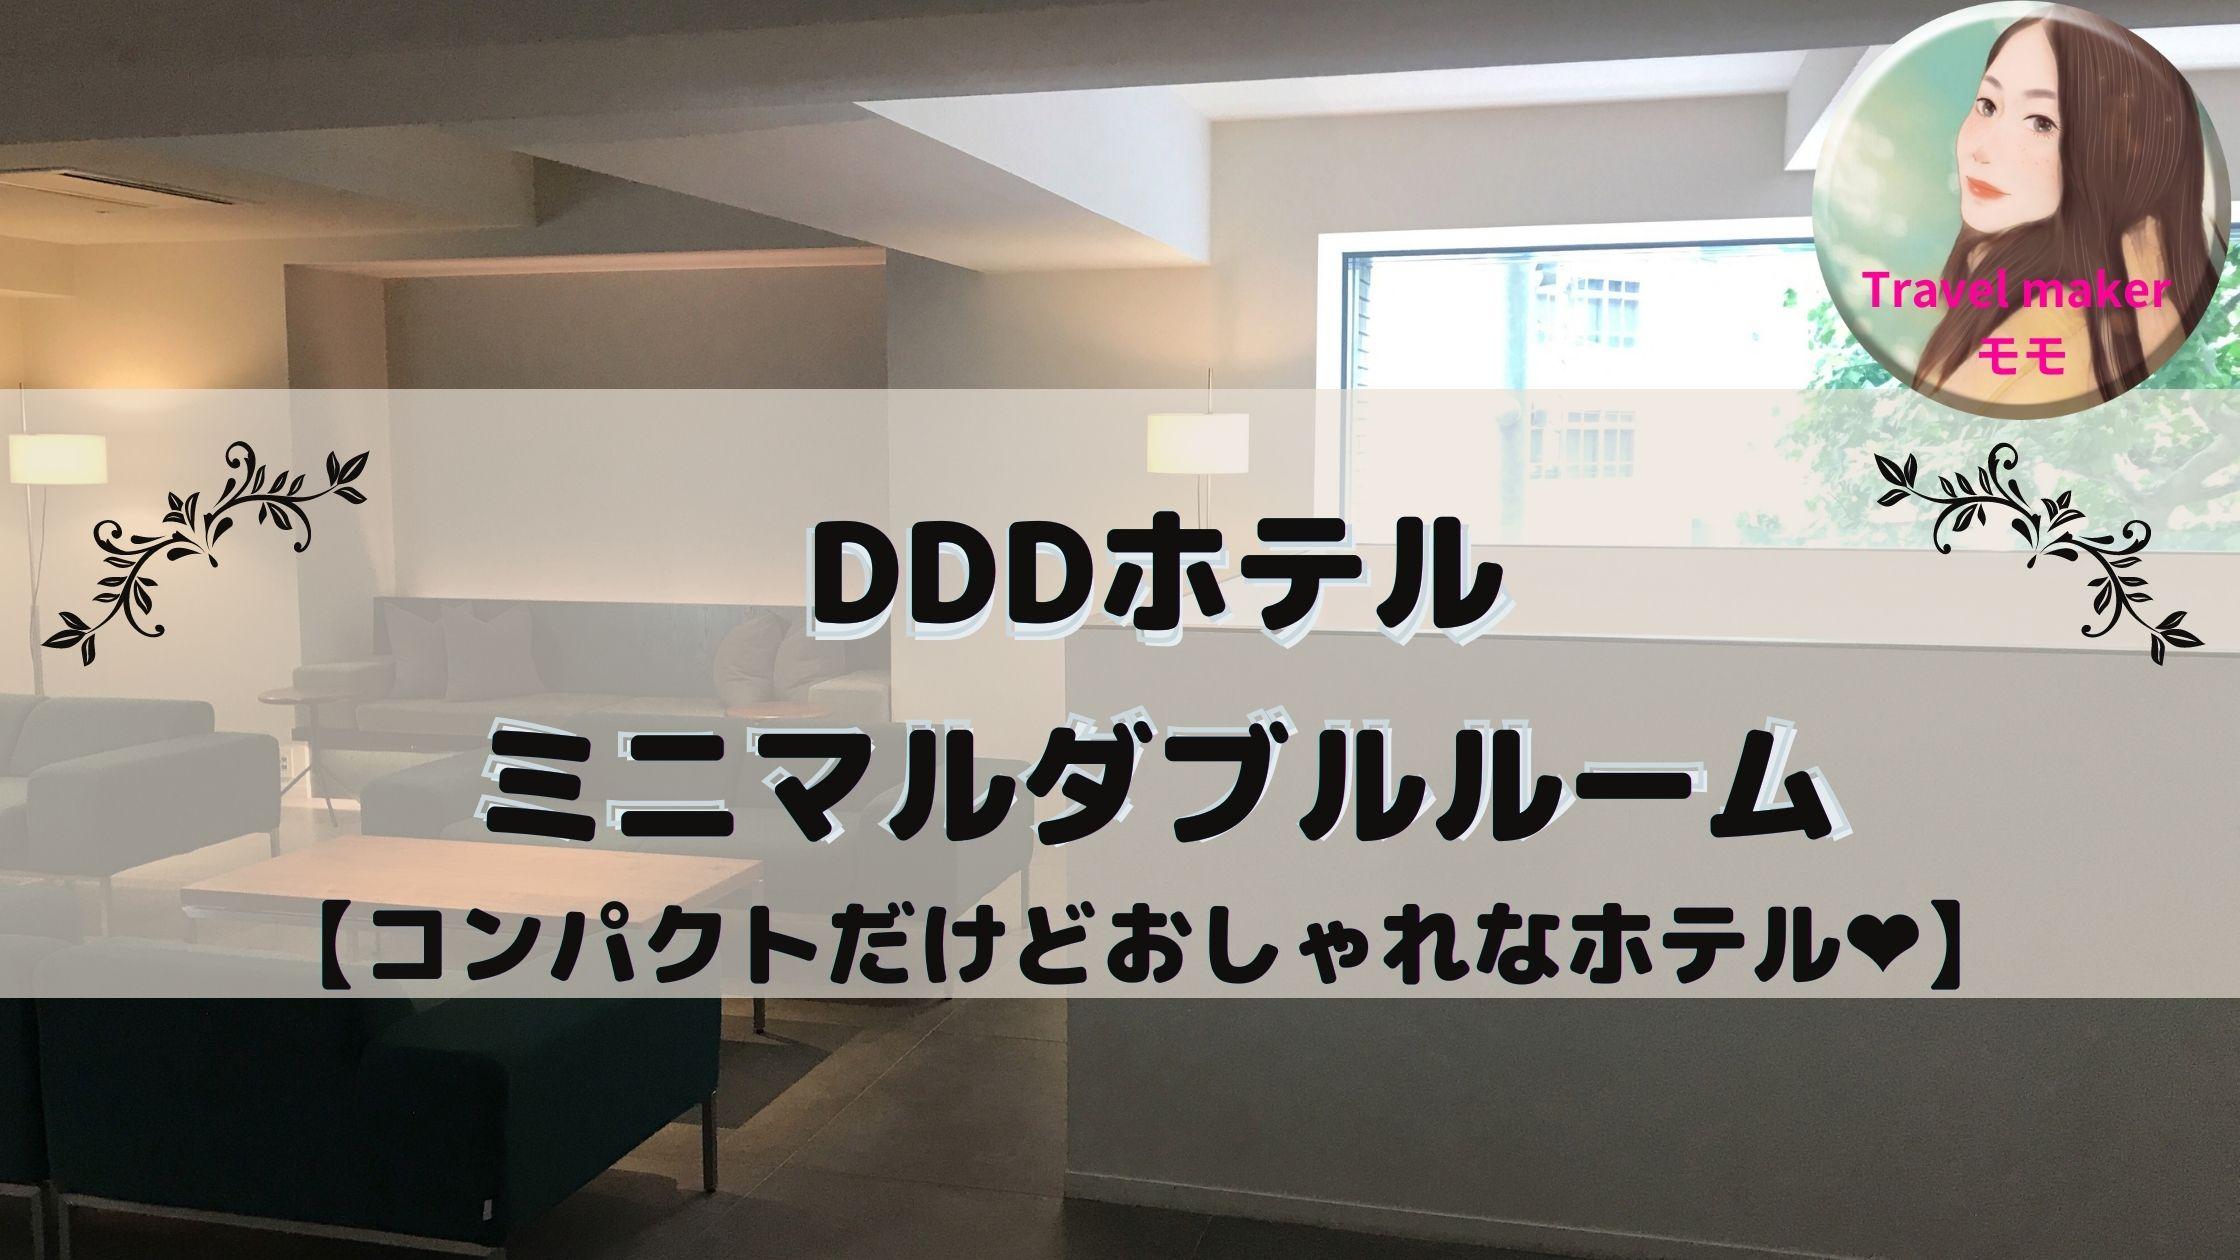 DDD HOTEL 予約 ブログ